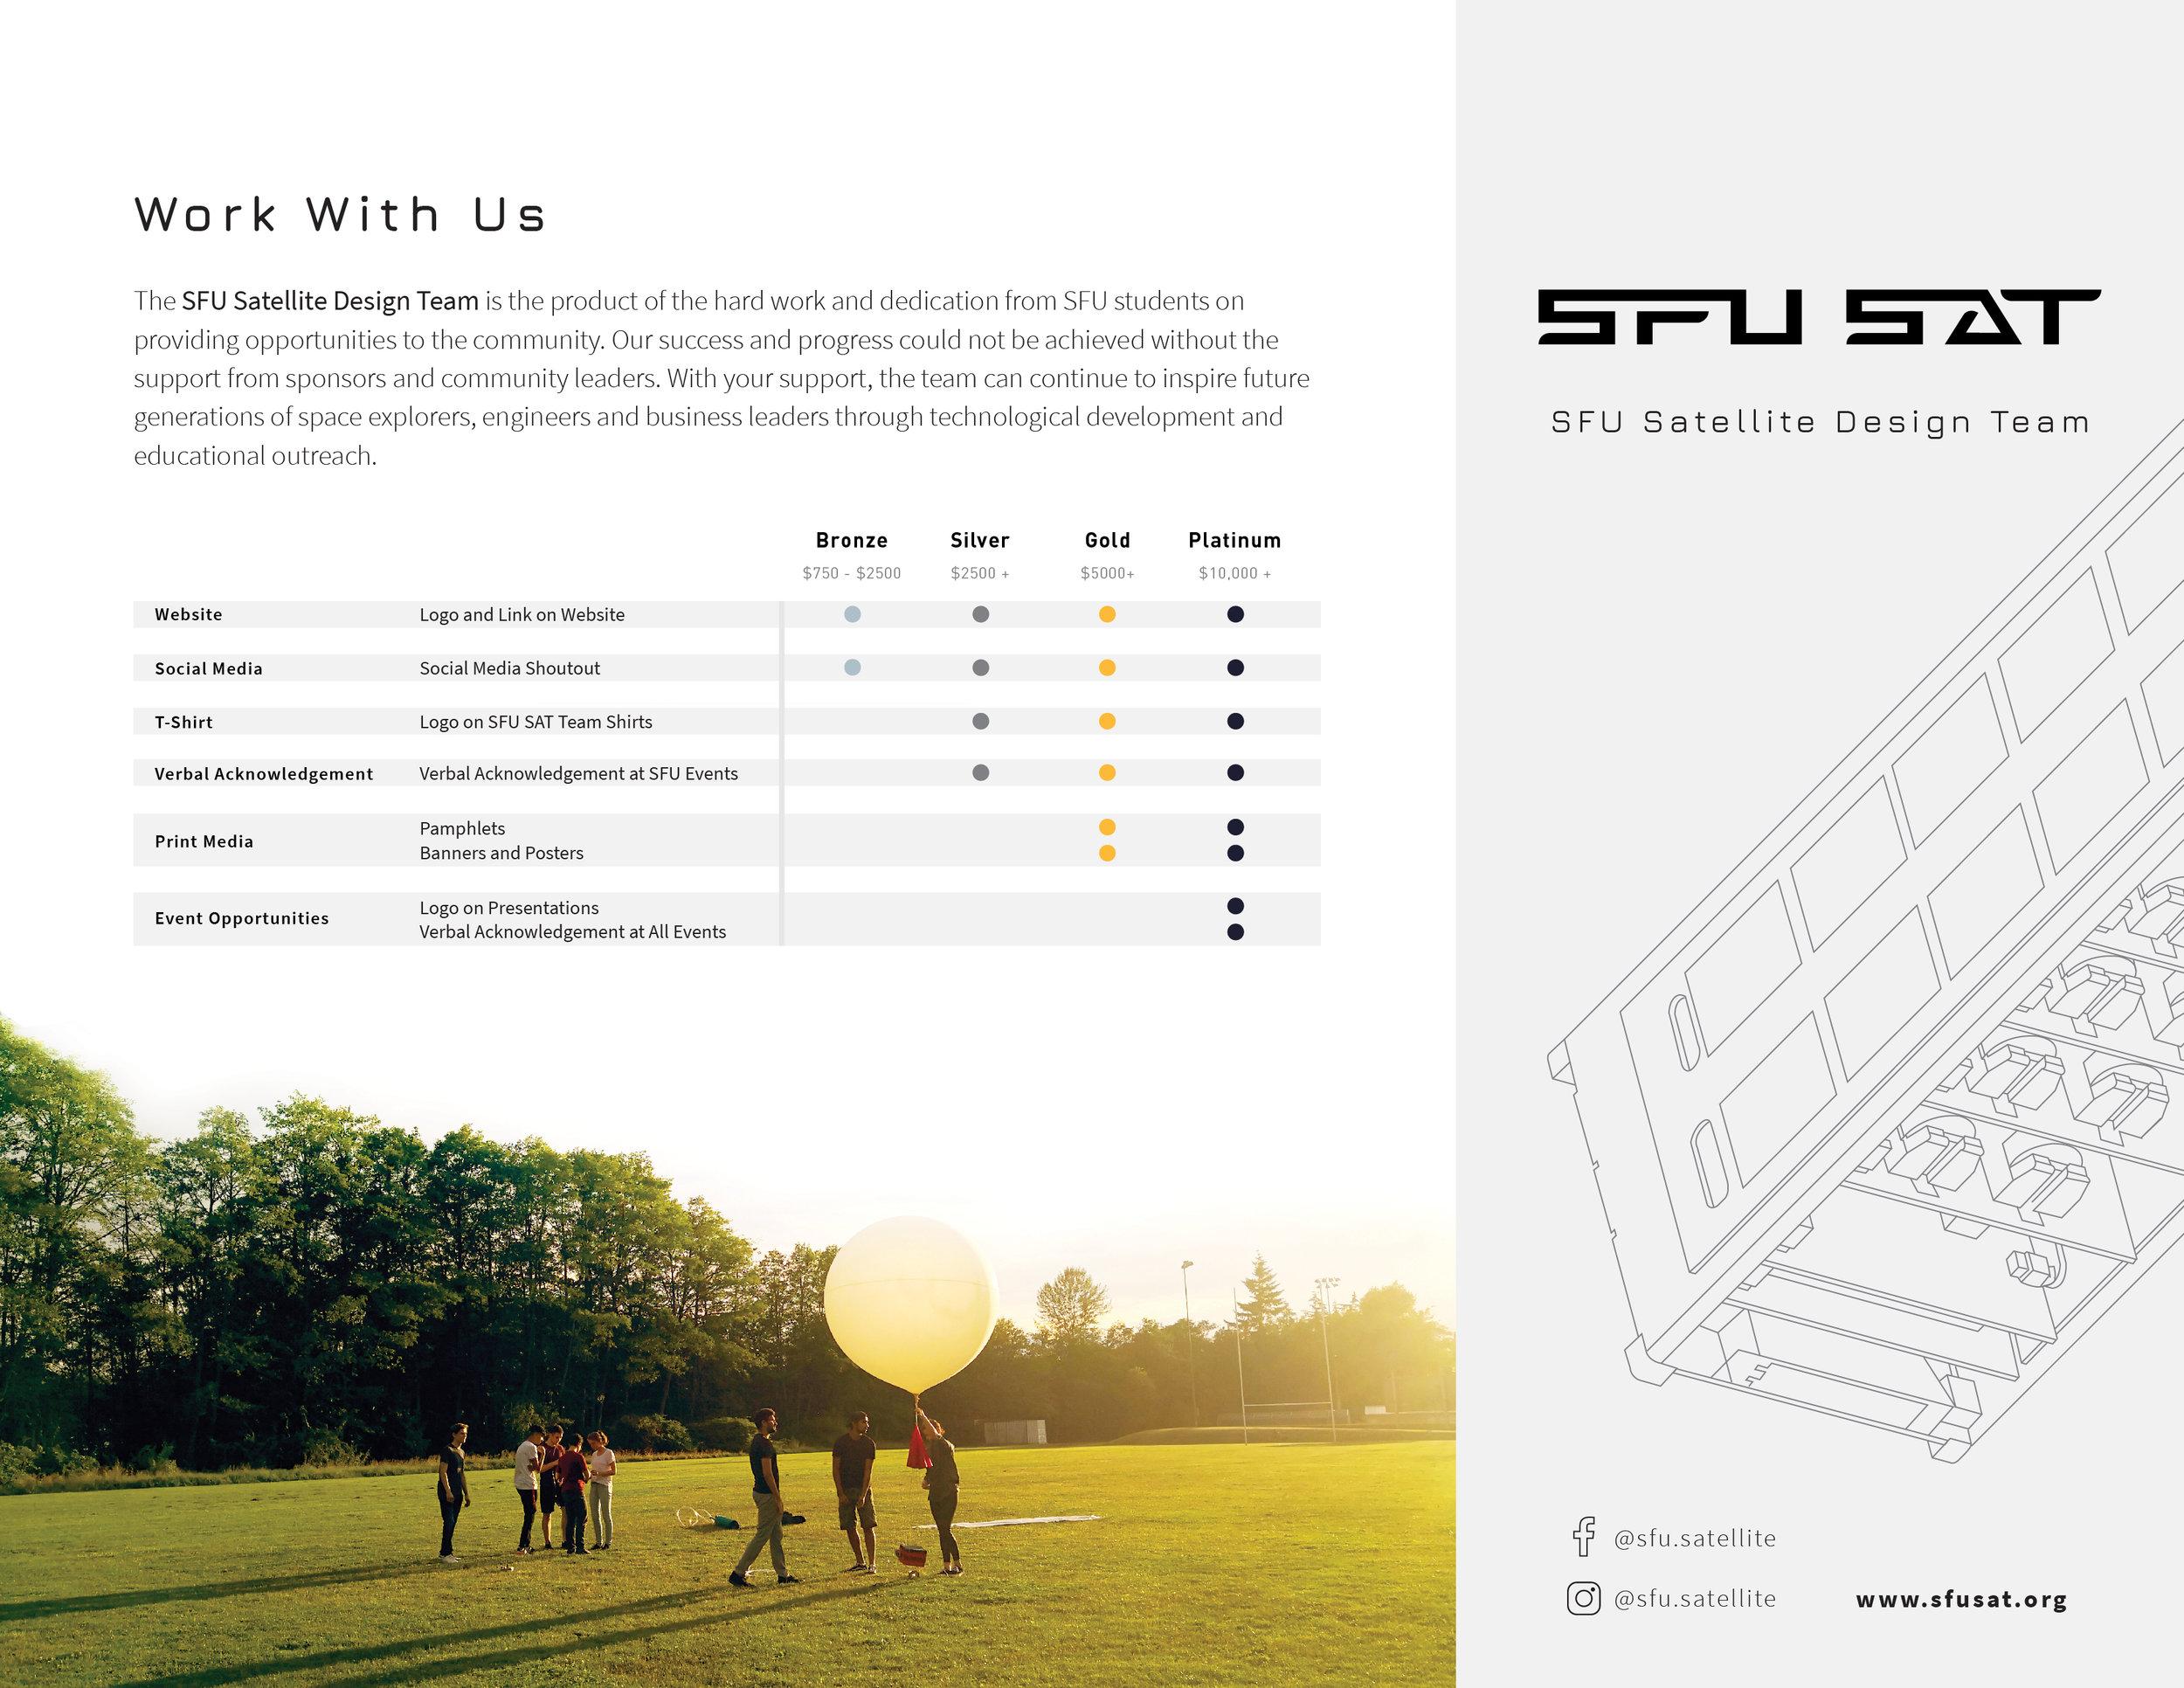 pamphlet_sponsor_outside (1).jpg